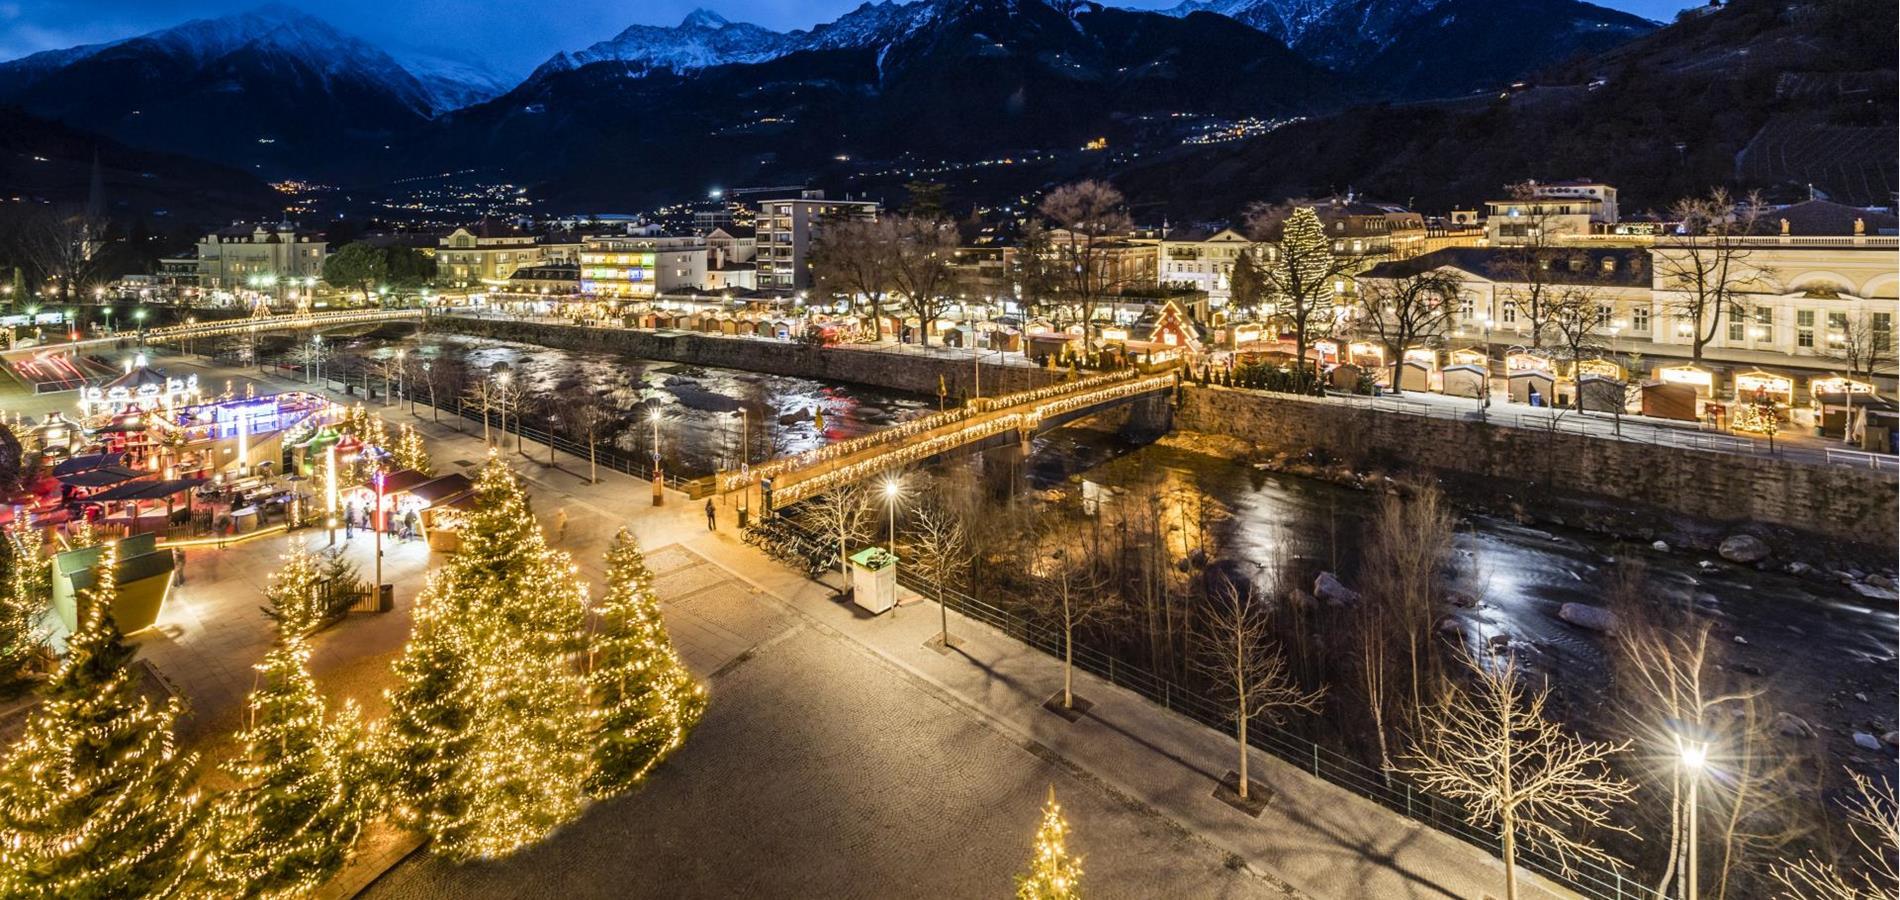 Mercatini Di Natale A Merano Foto.Mercatini Di Natale Merano